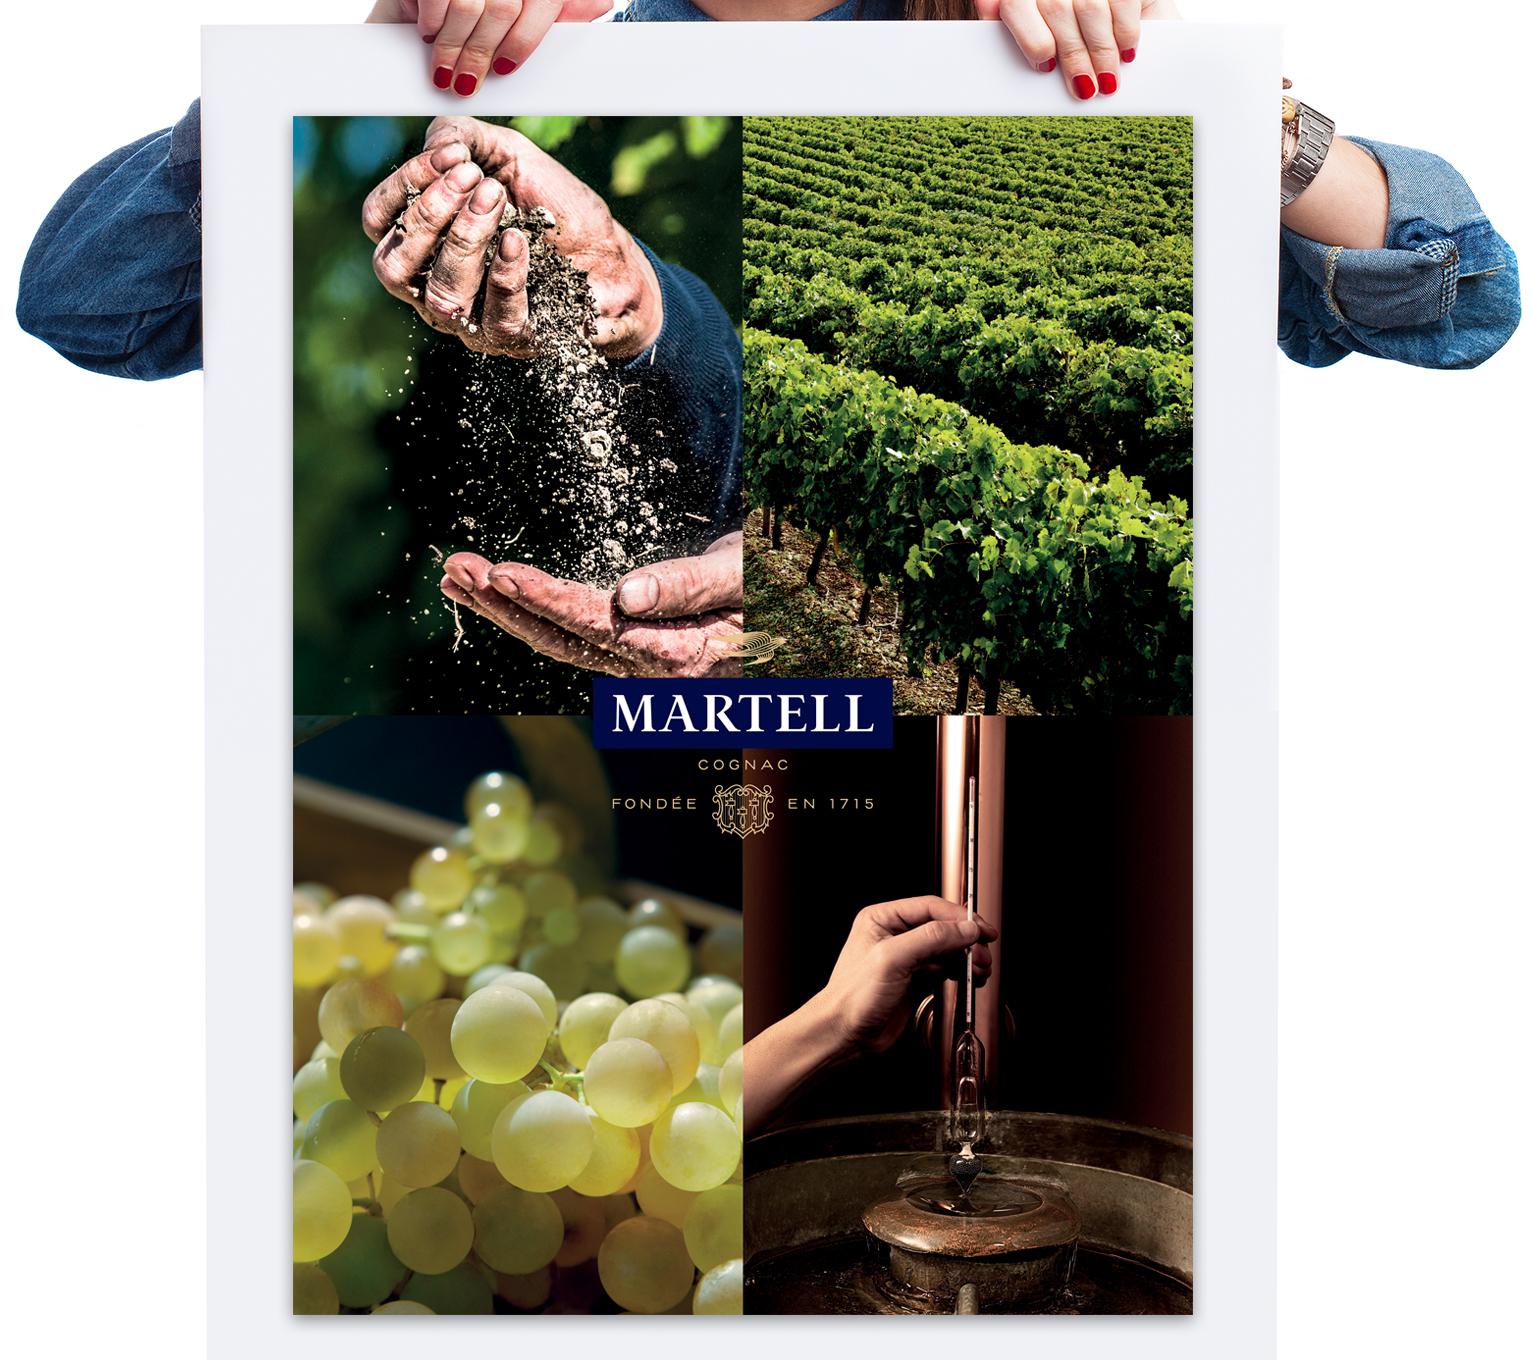 Martell-affiche